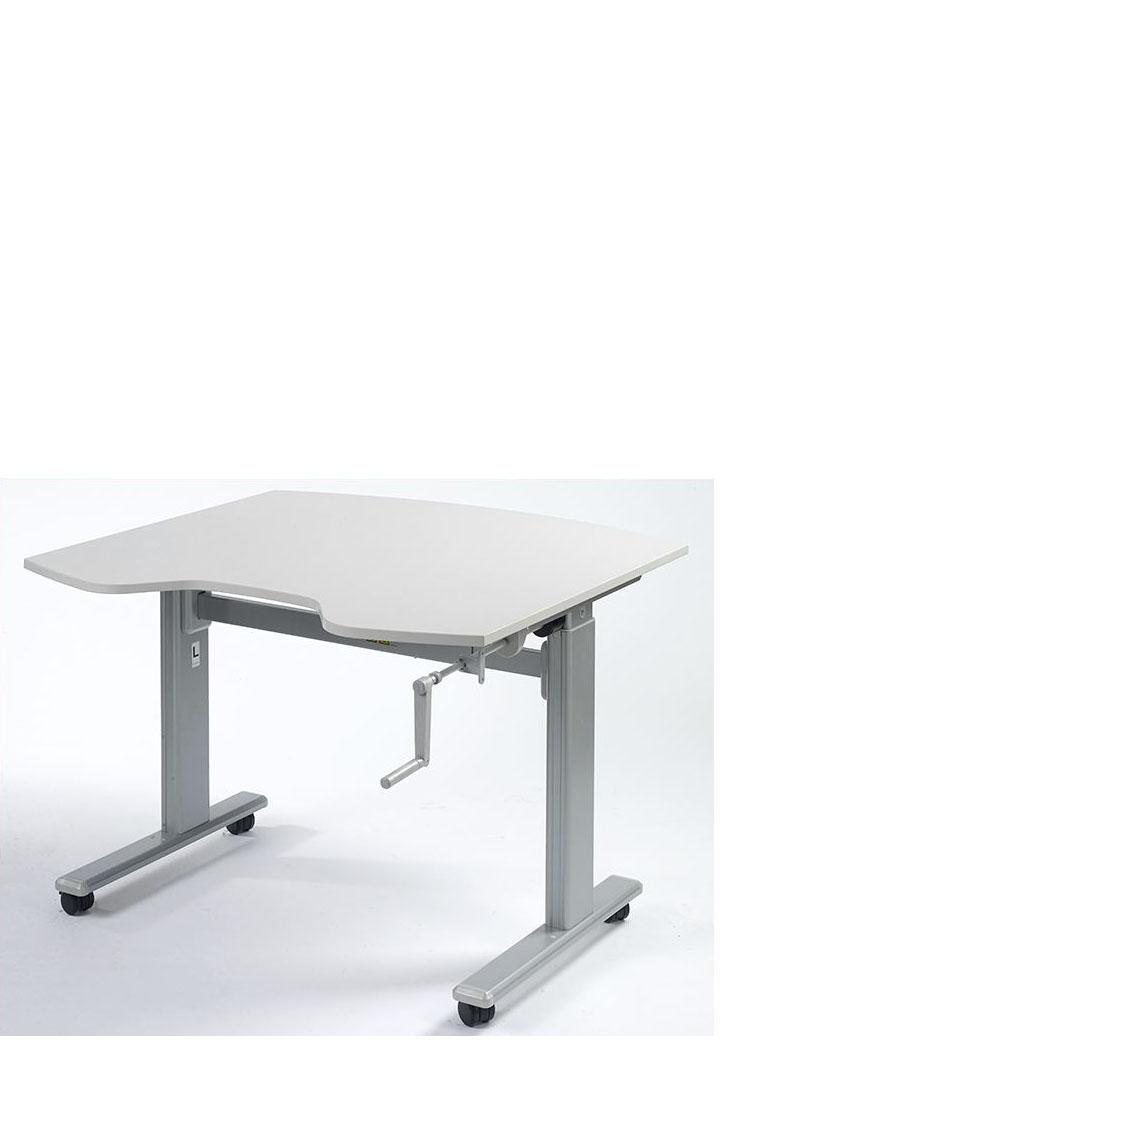 structure pour travail assis debout manivelle enlevable tca 110. Black Bedroom Furniture Sets. Home Design Ideas